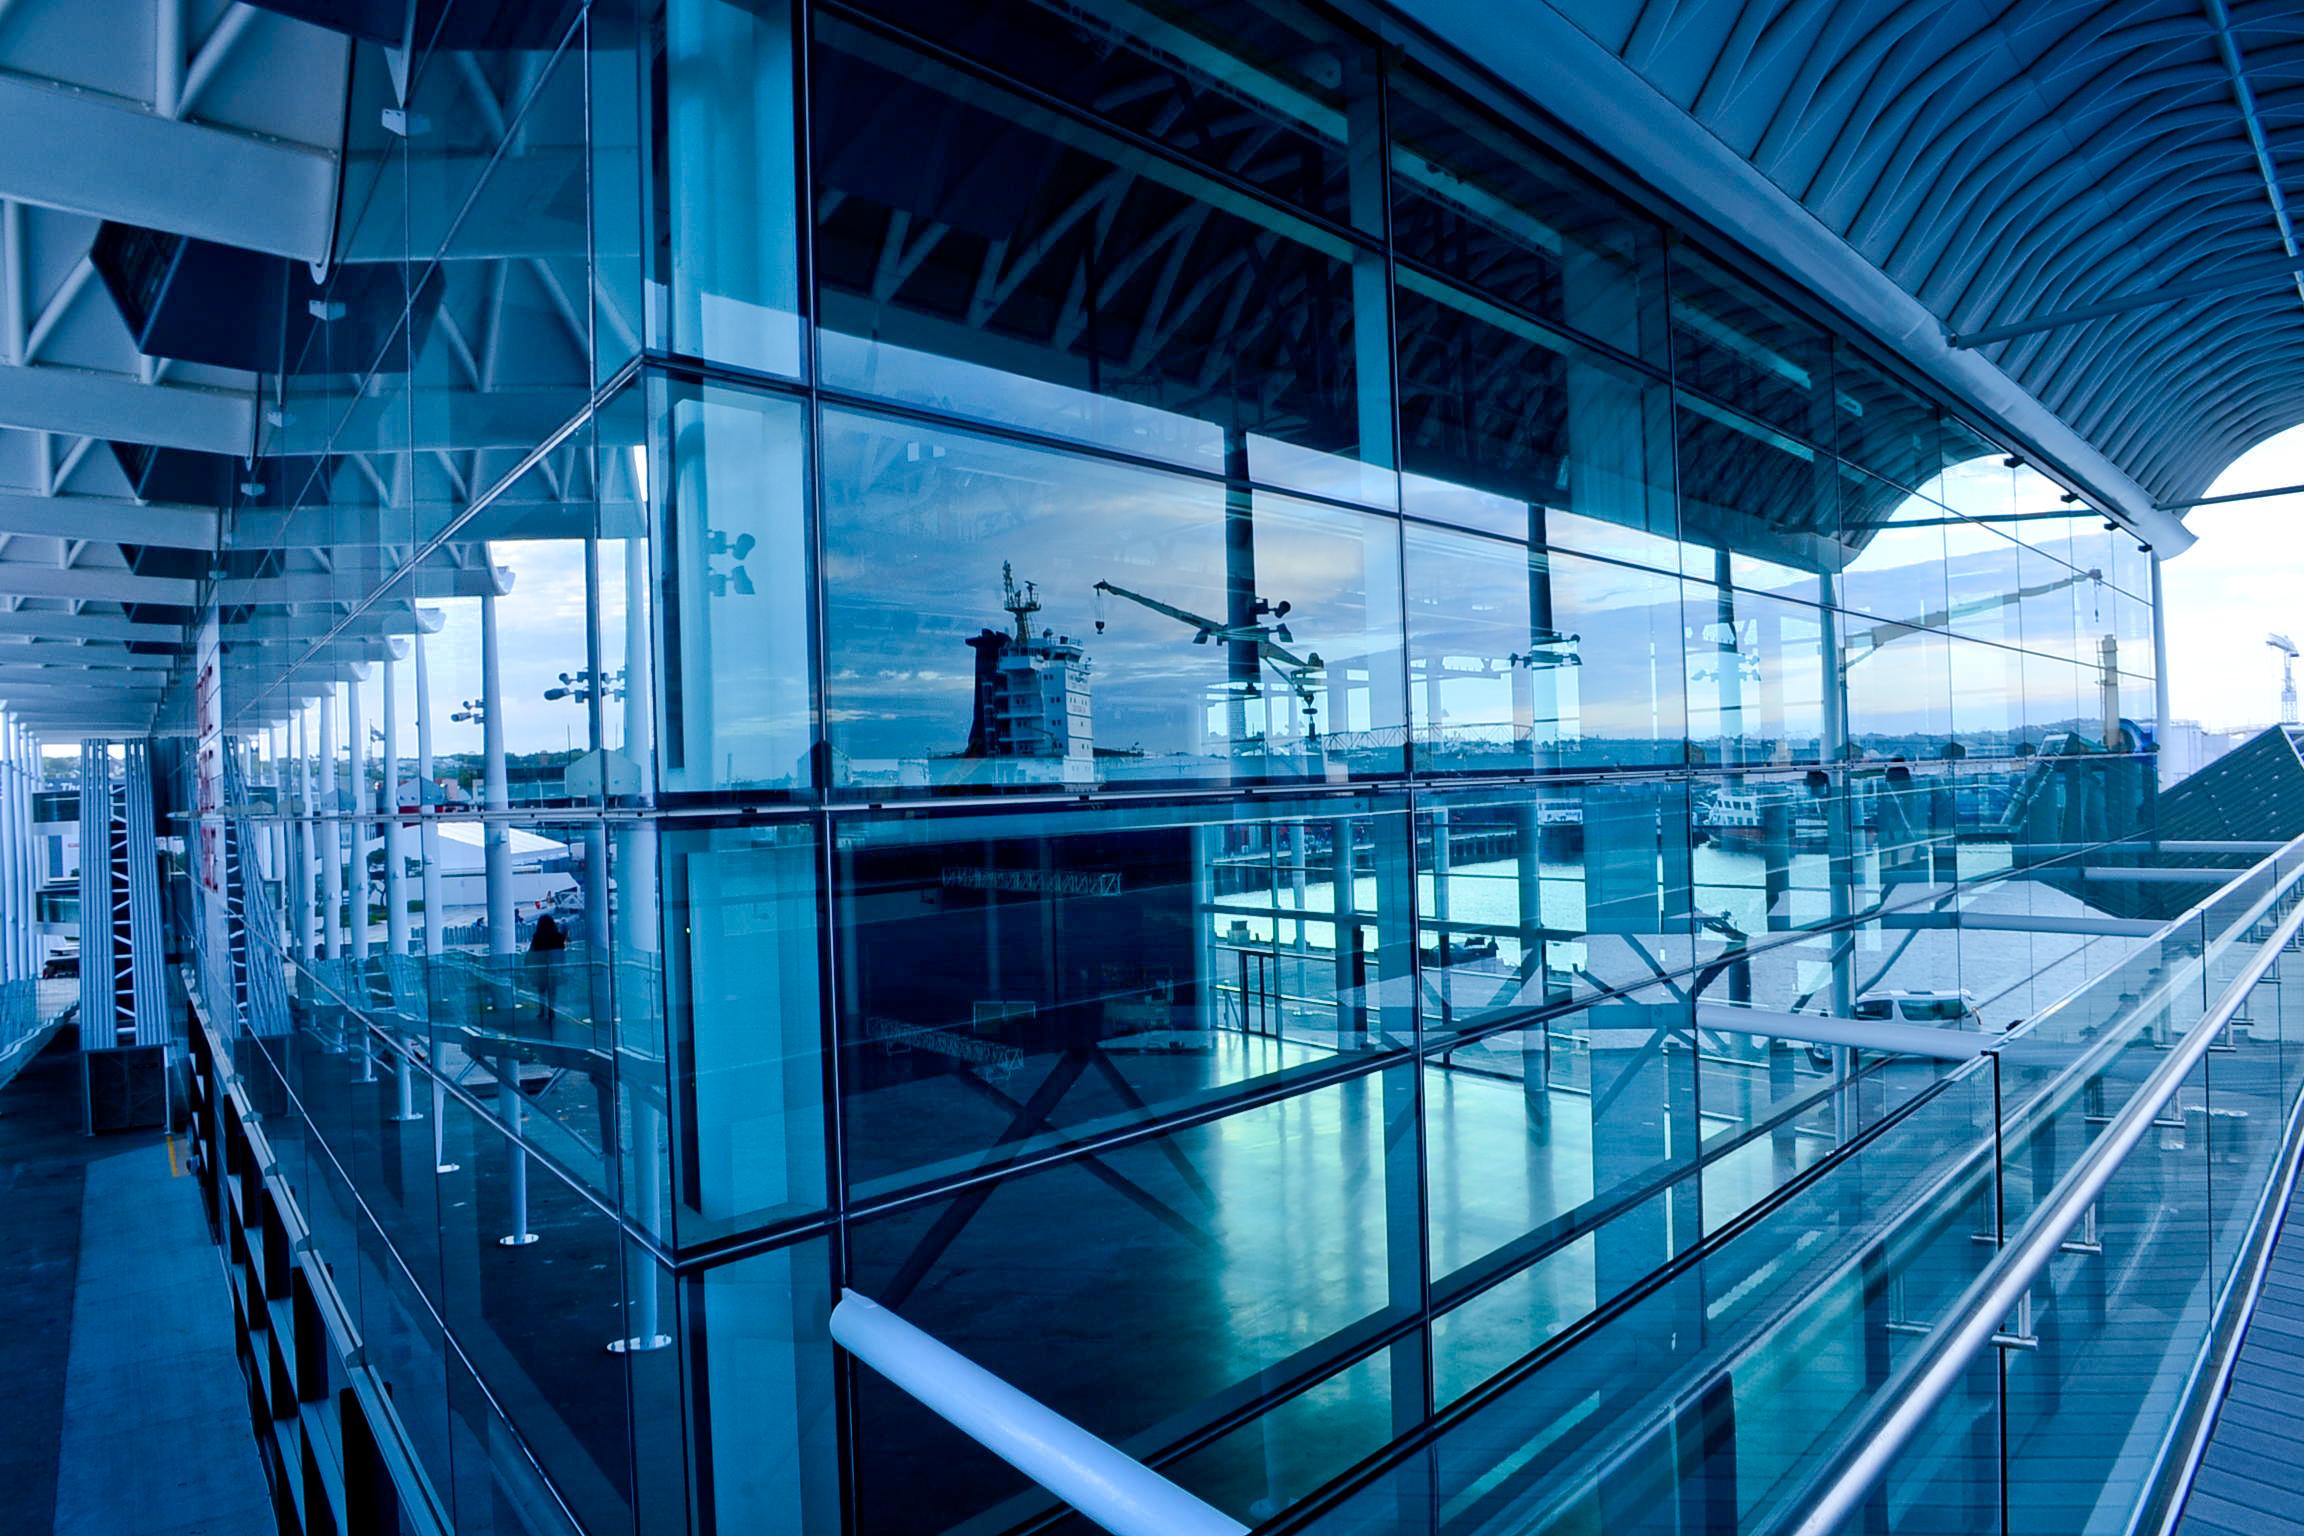 Stehlen Modern kostenlose foto licht die architektur himmel technologie glas